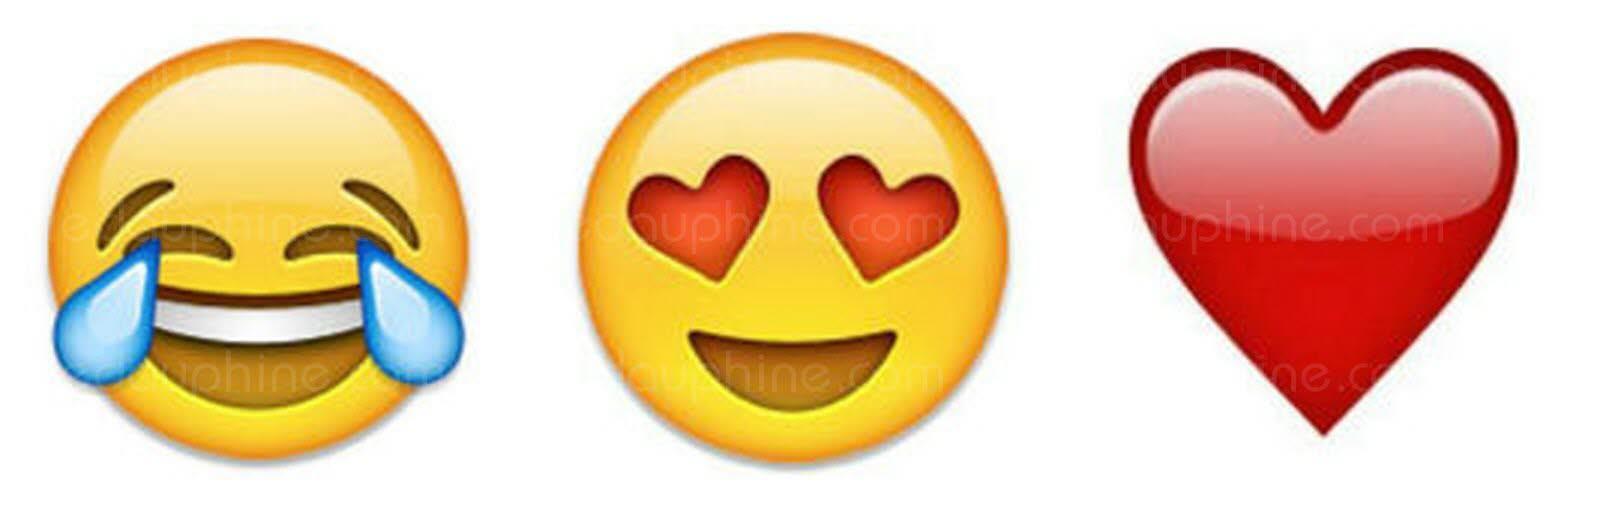 Comment faire un coeur en smiley - Image de smiley a imprimer ...